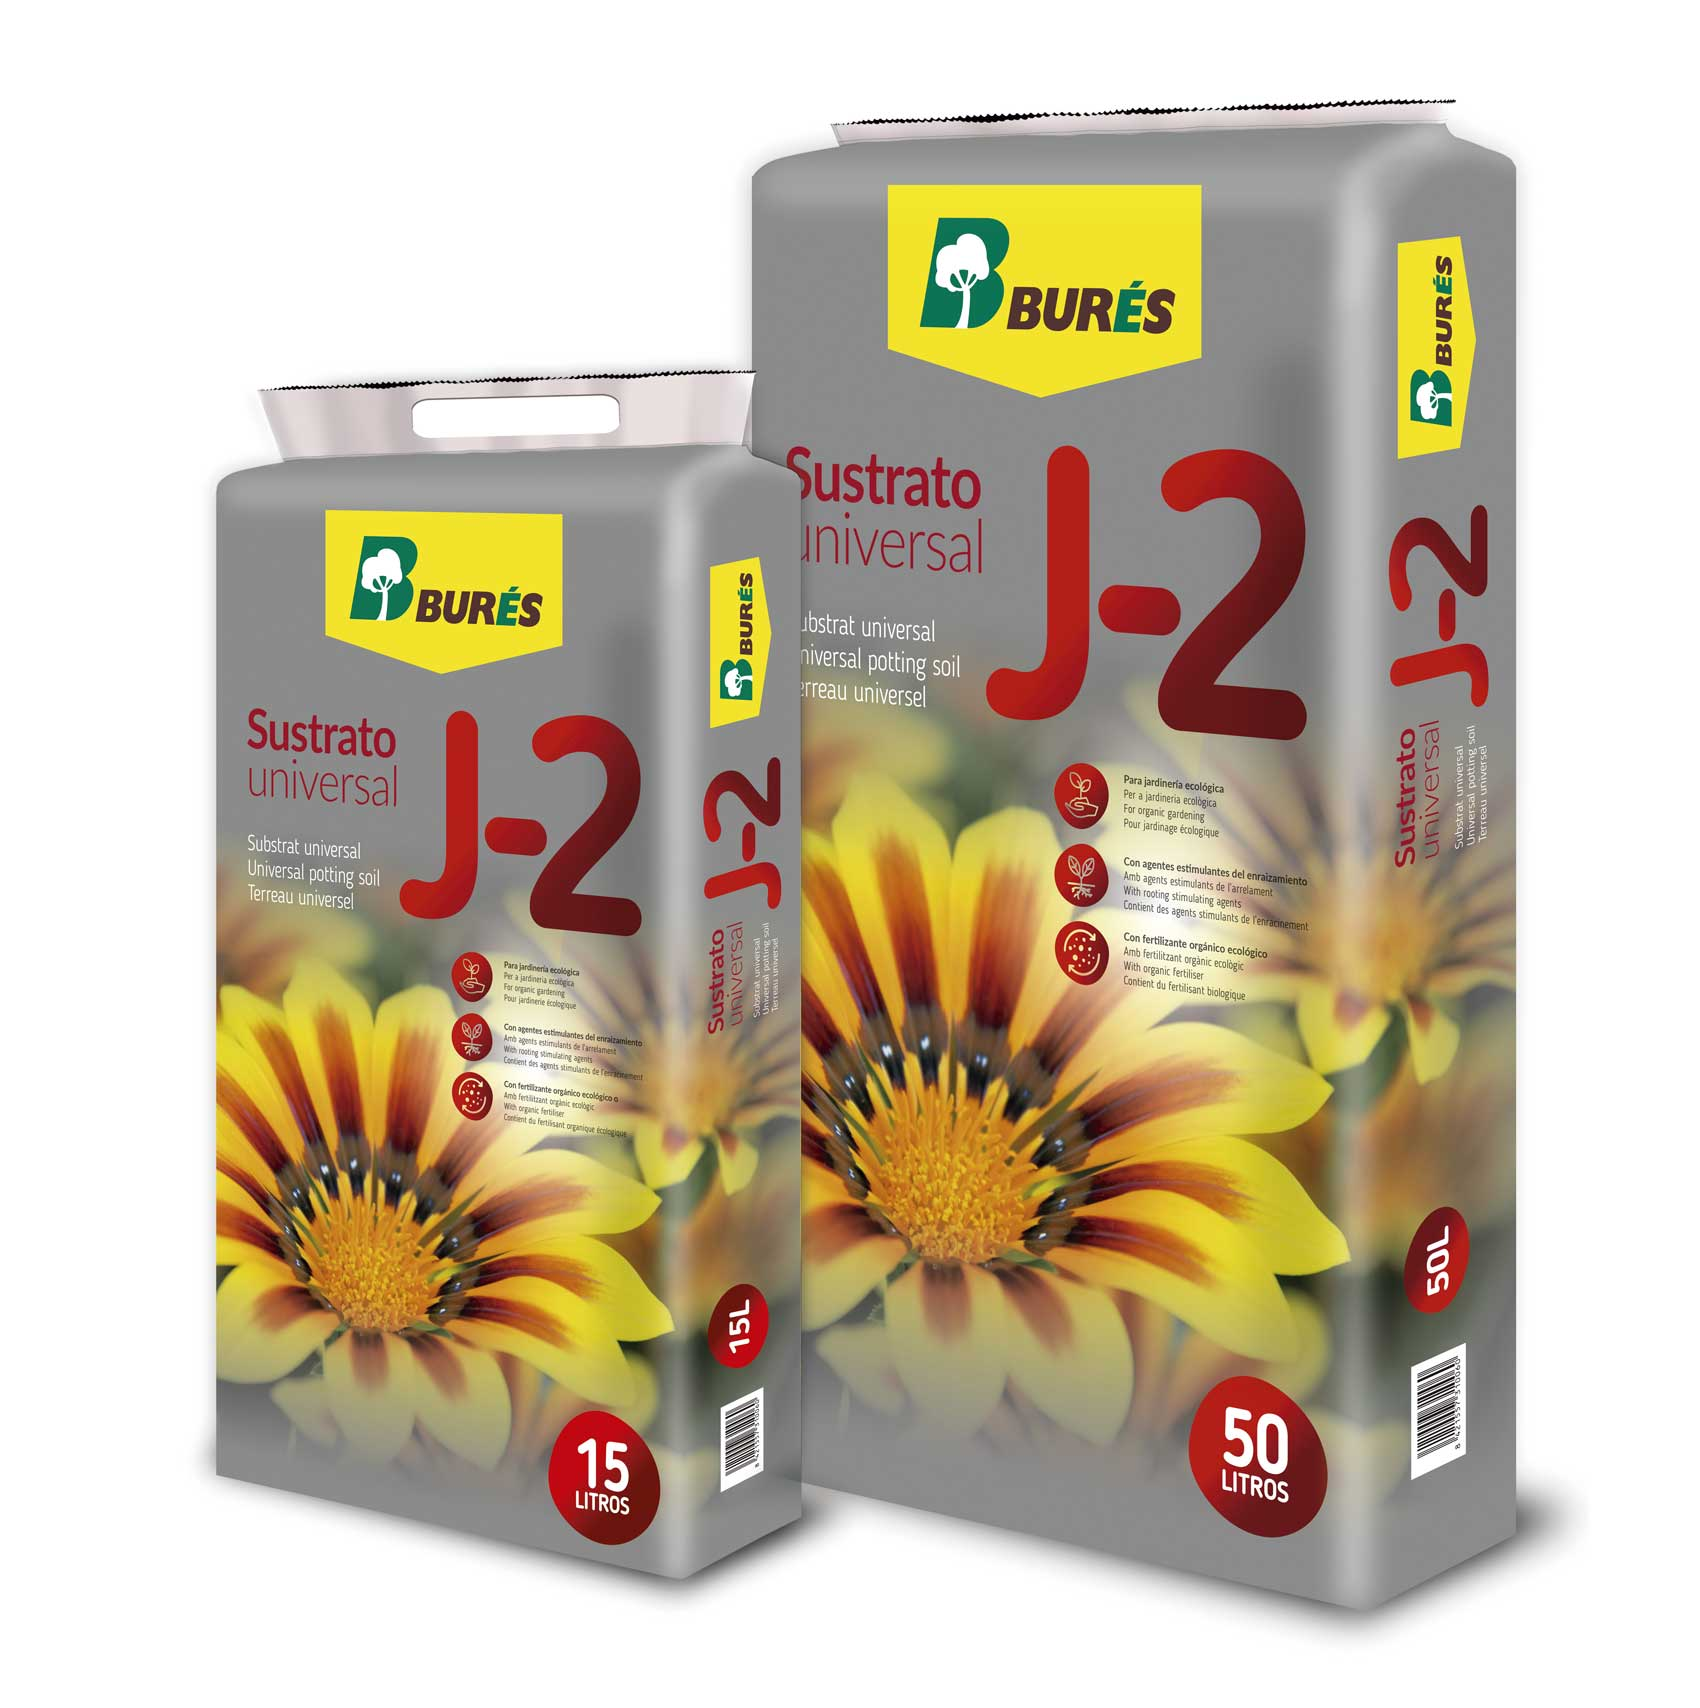 Nuevo sustrato universal j 2 de bur s jardiner a for Productos de jardineria